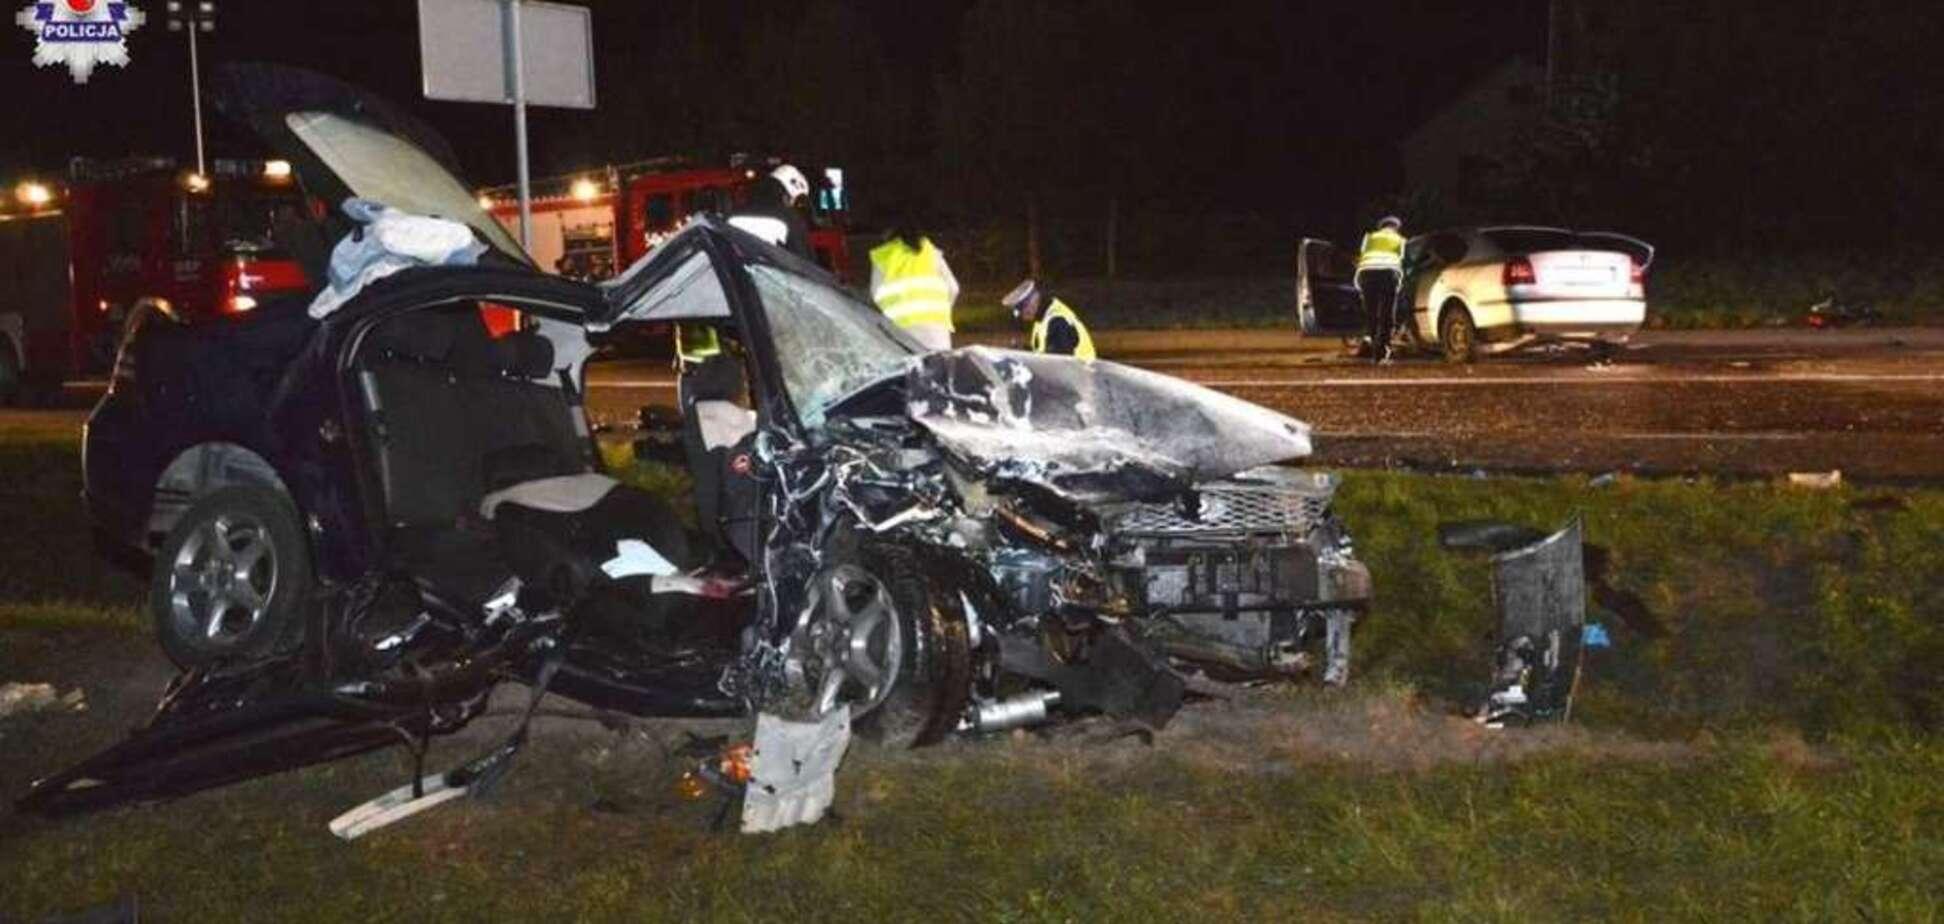 У Польщі зіткнулися два авто з українцями: 1 жертва, 6 поранених